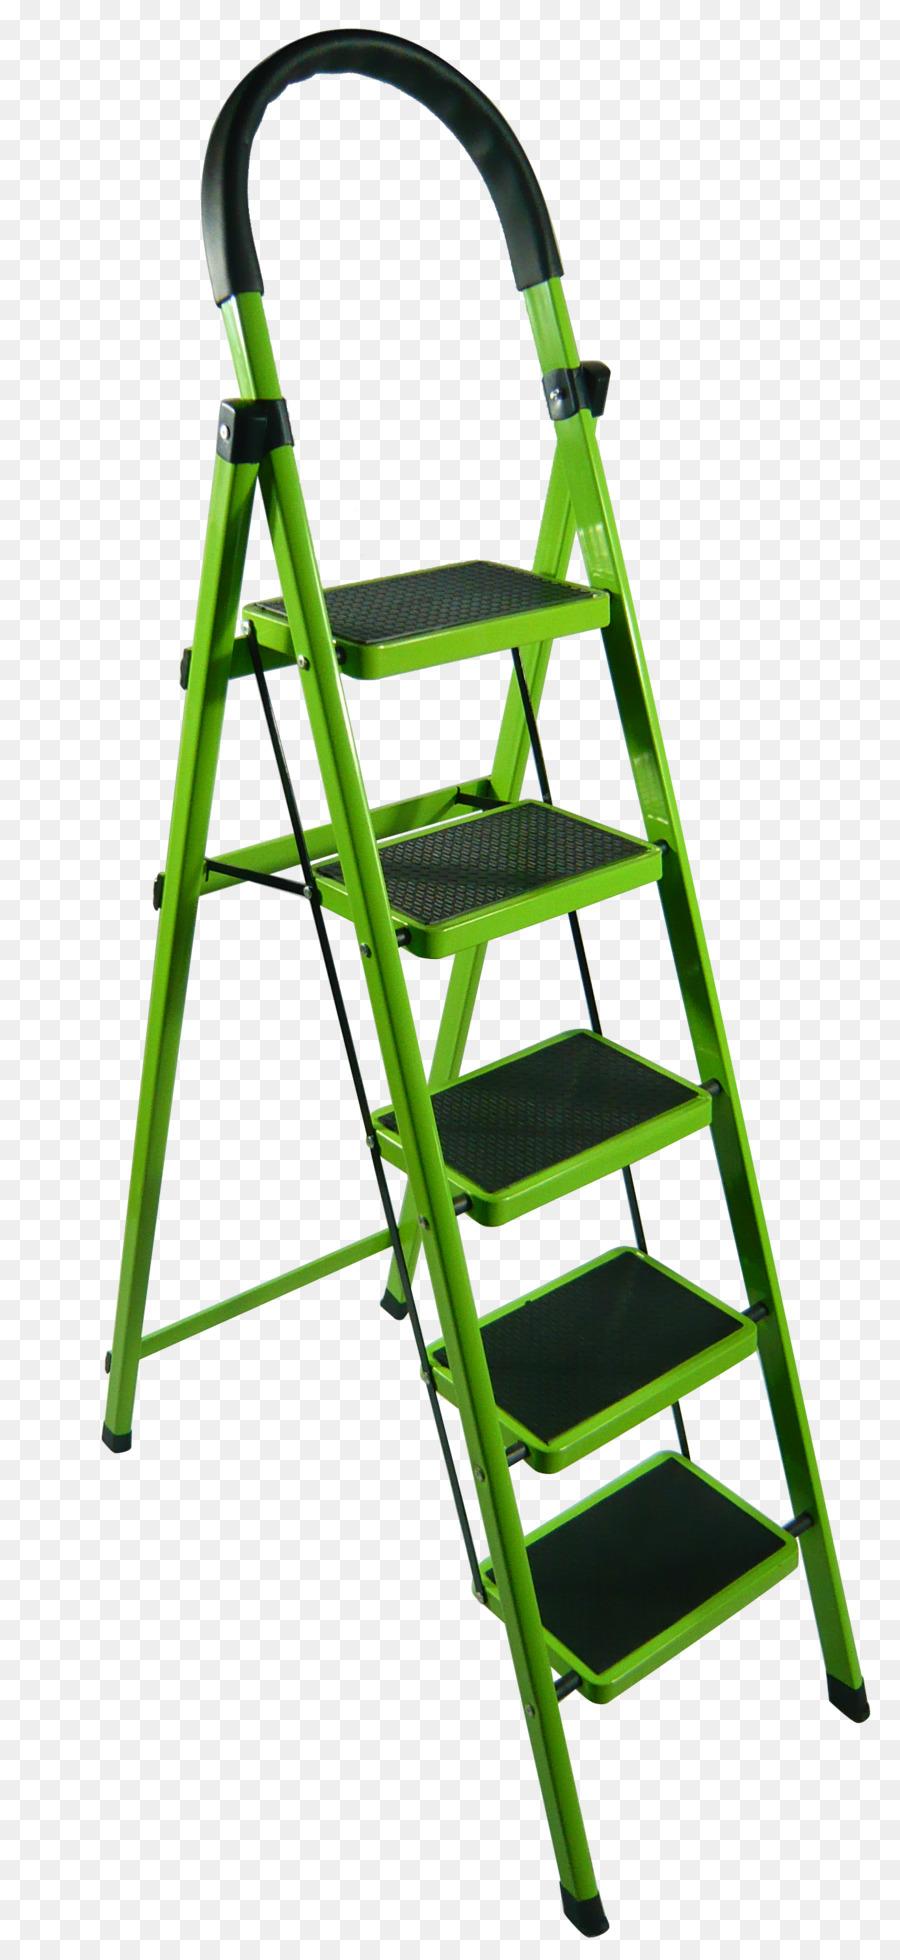 ladder stairs aluminium green aluminum stairs - Aluminum Stairs